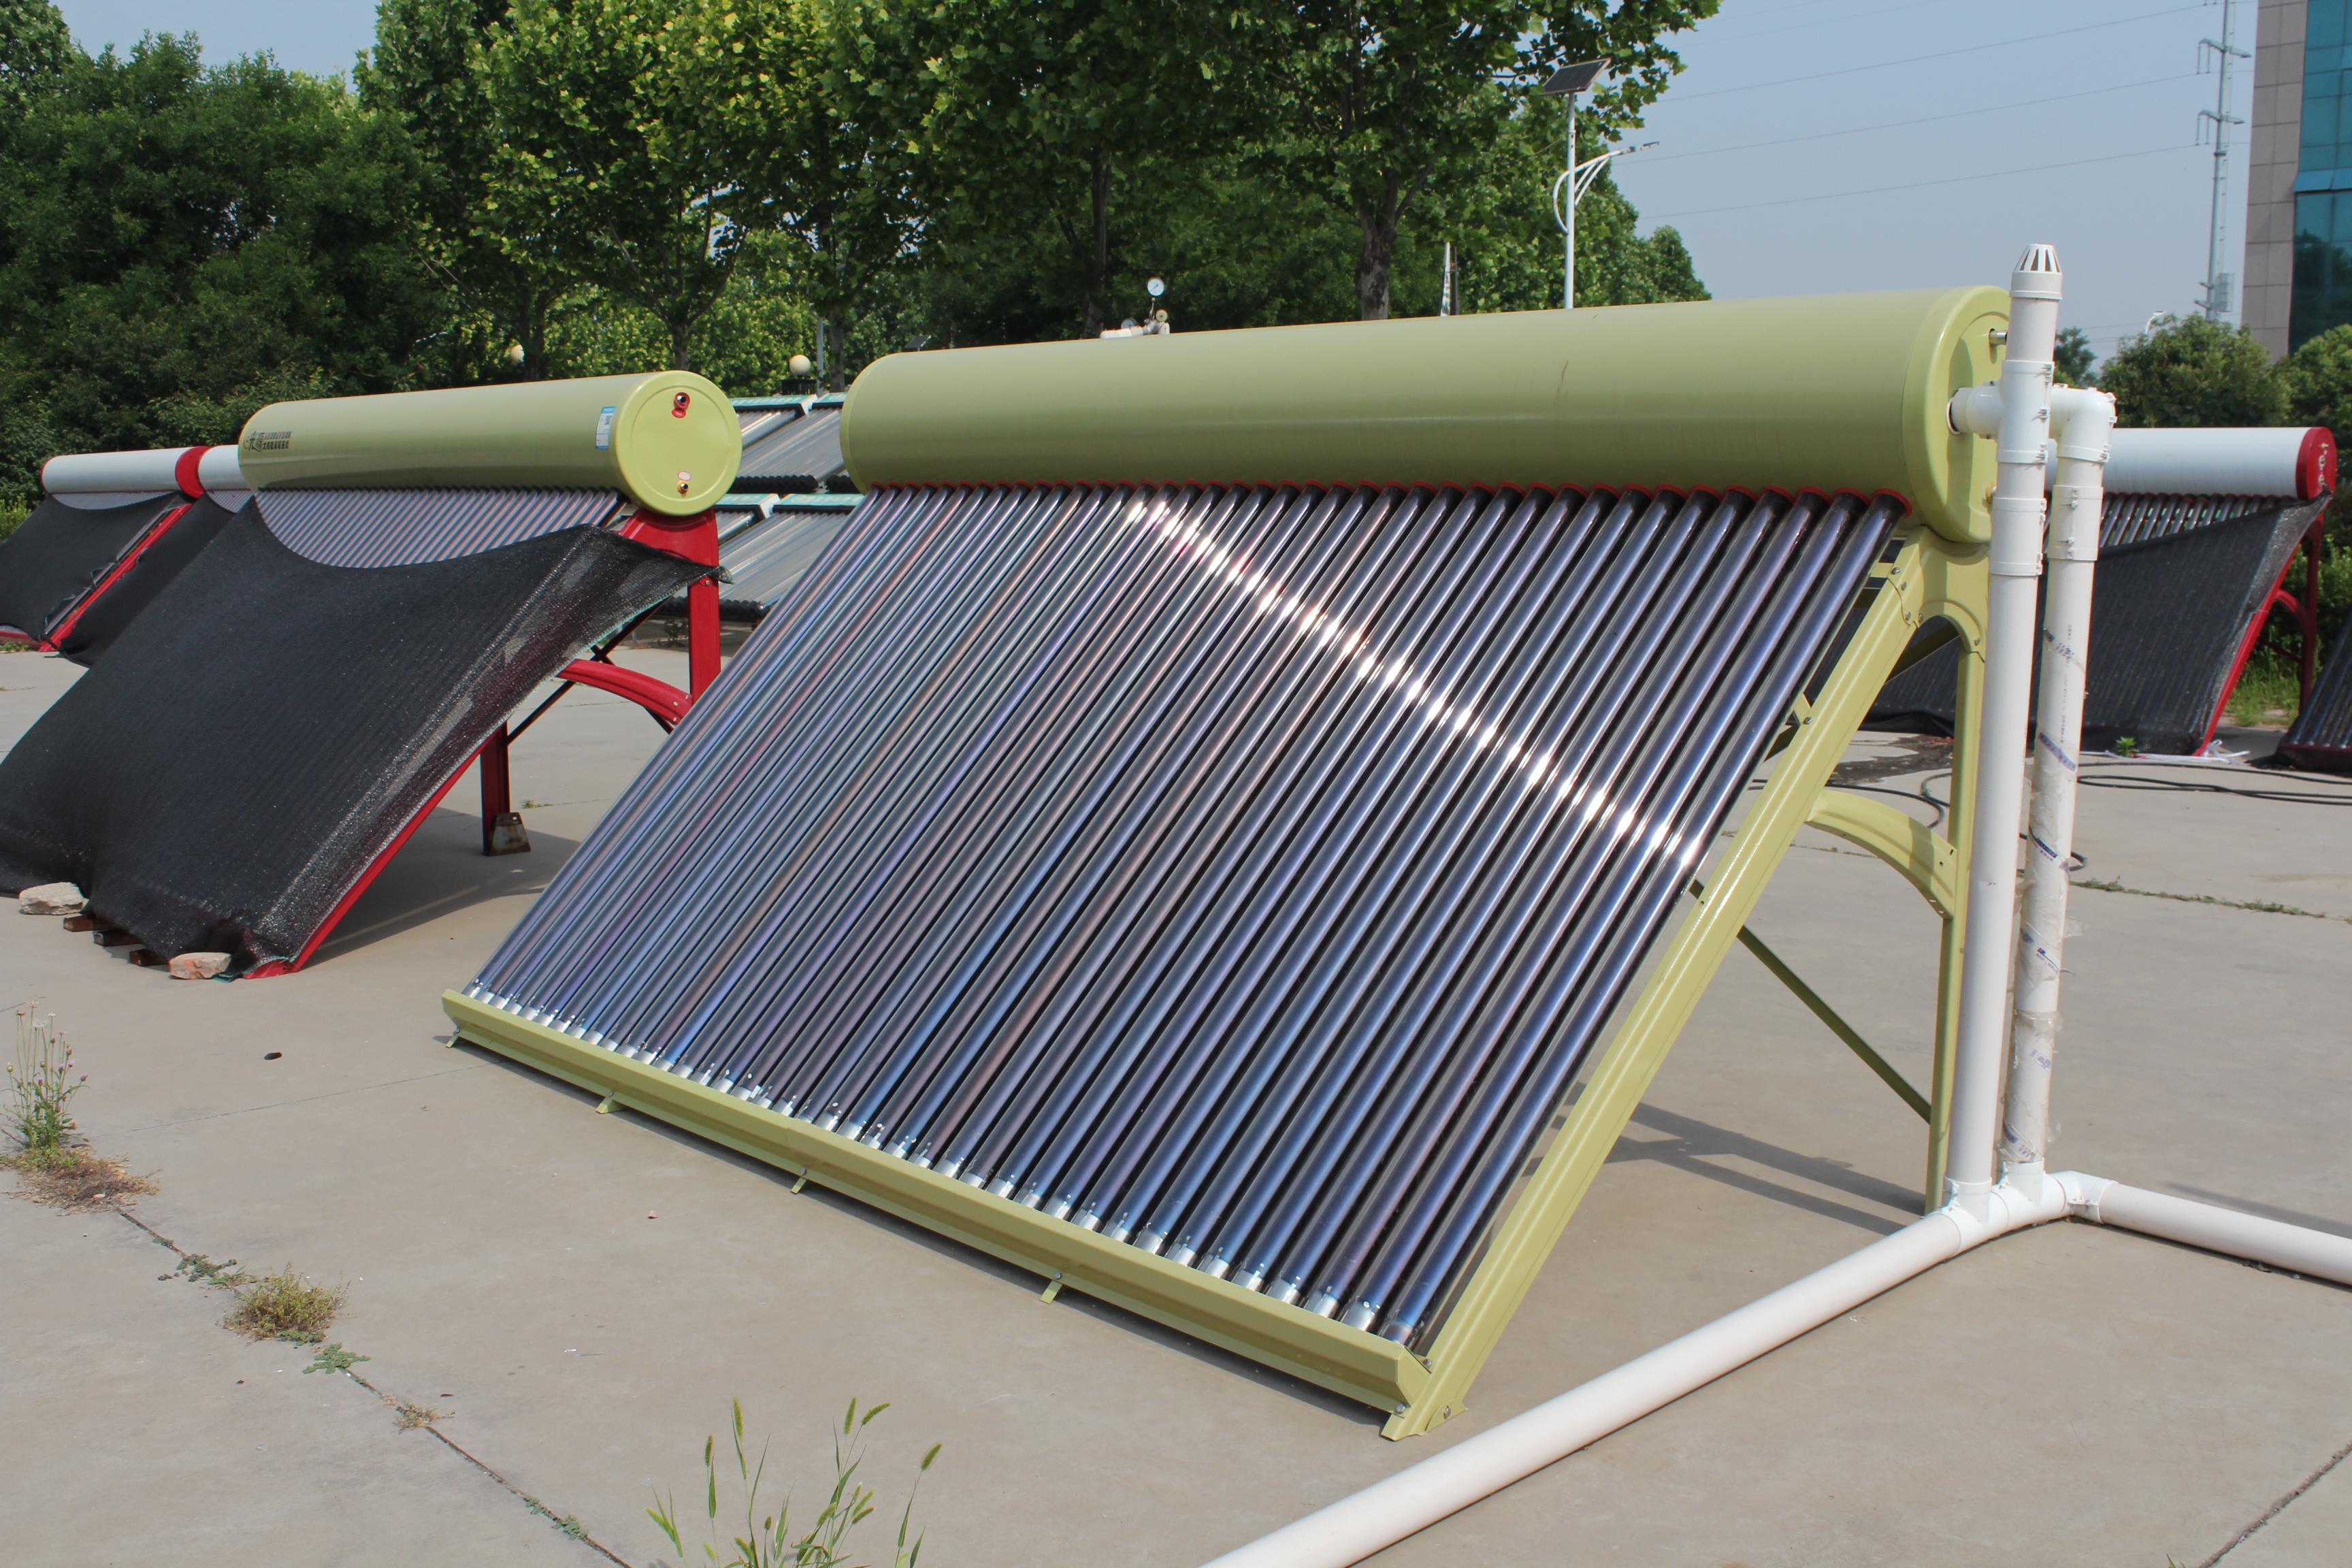 商用太阳能采暖系统 商用大型太阳能集热系统 学校太阳能供热系统 酒店太阳能供热系统